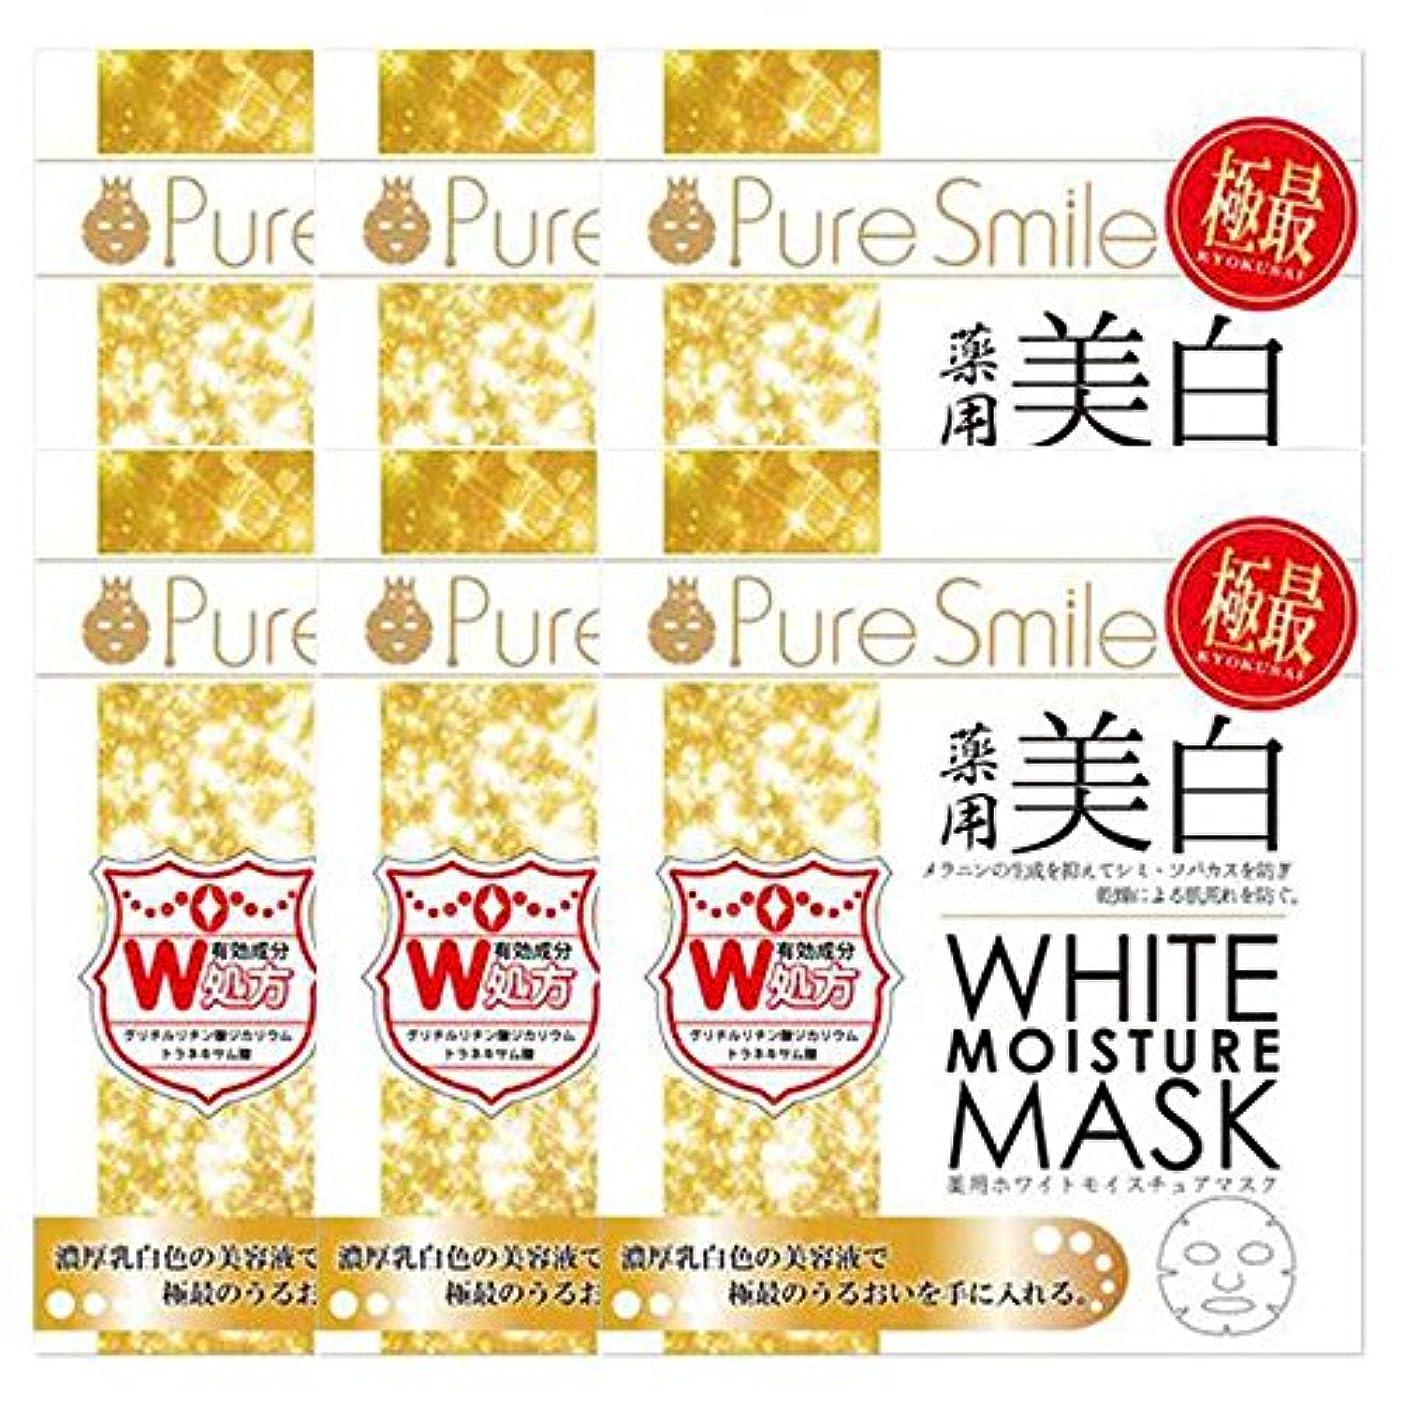 分離するうつ端ピュアスマイル 薬用ホワイトモイスチュアマスク 1枚入×6個セット